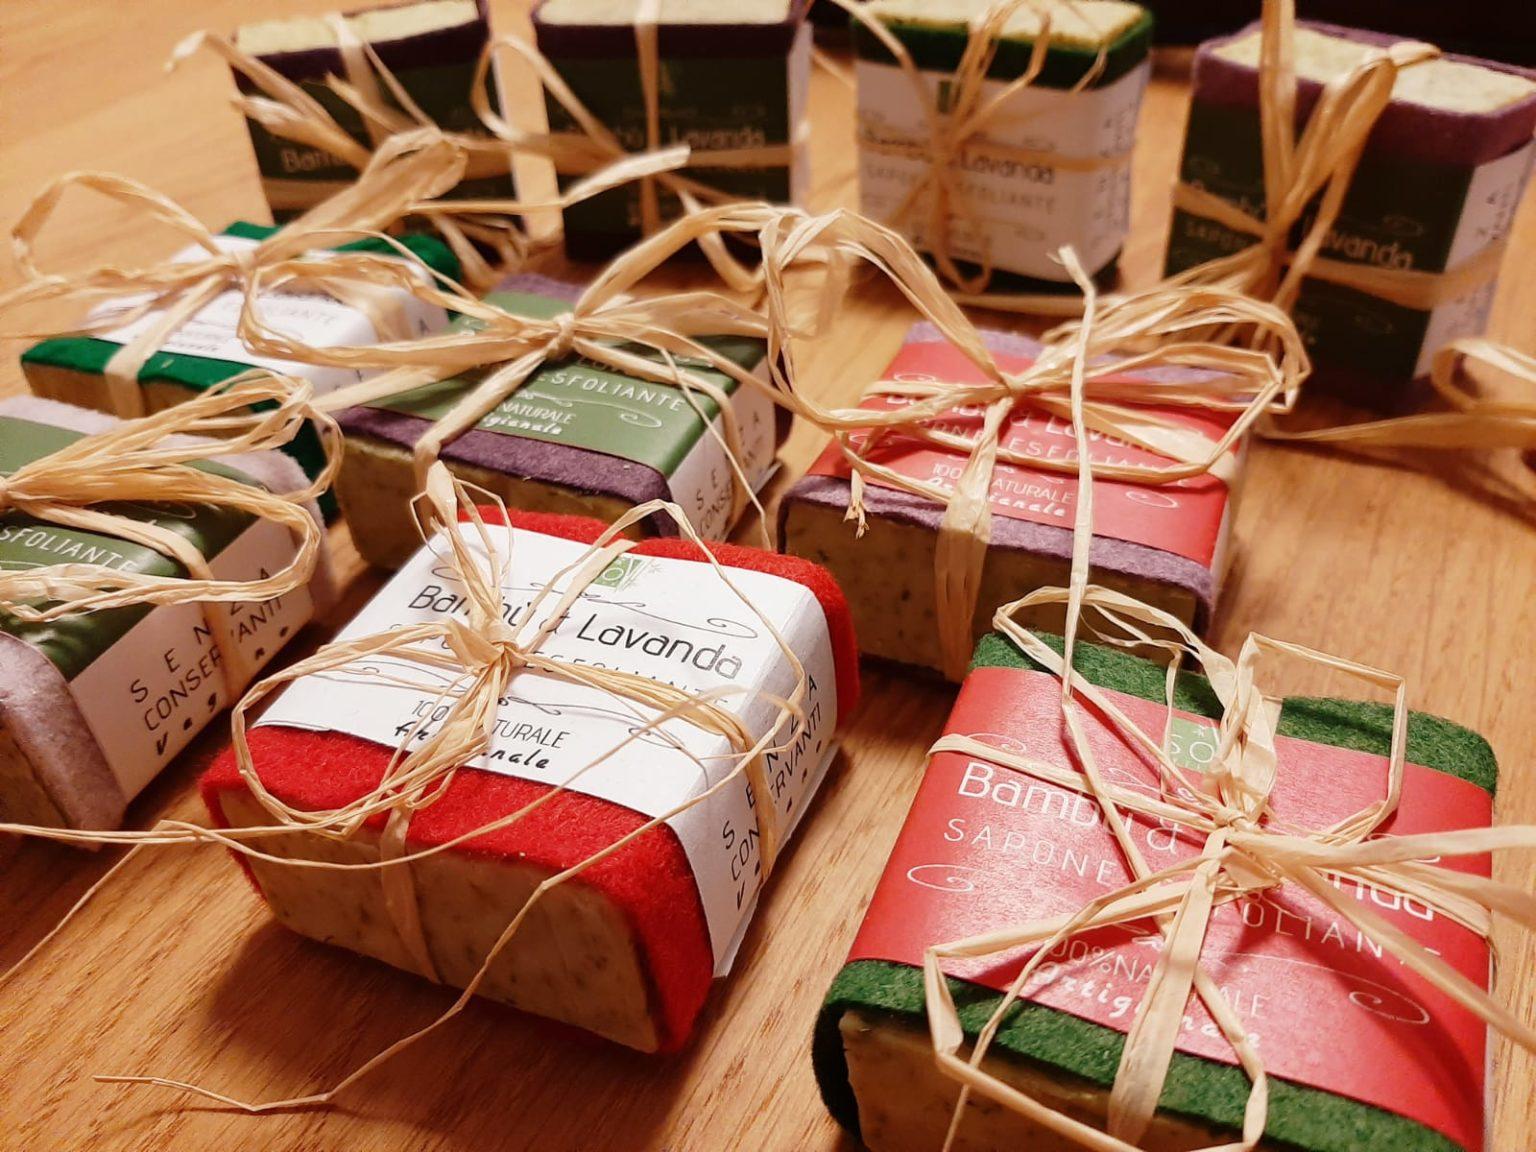 SOGREEN sapone esfoliante al bambù biologico e profumato alla lavanda - idea Natale